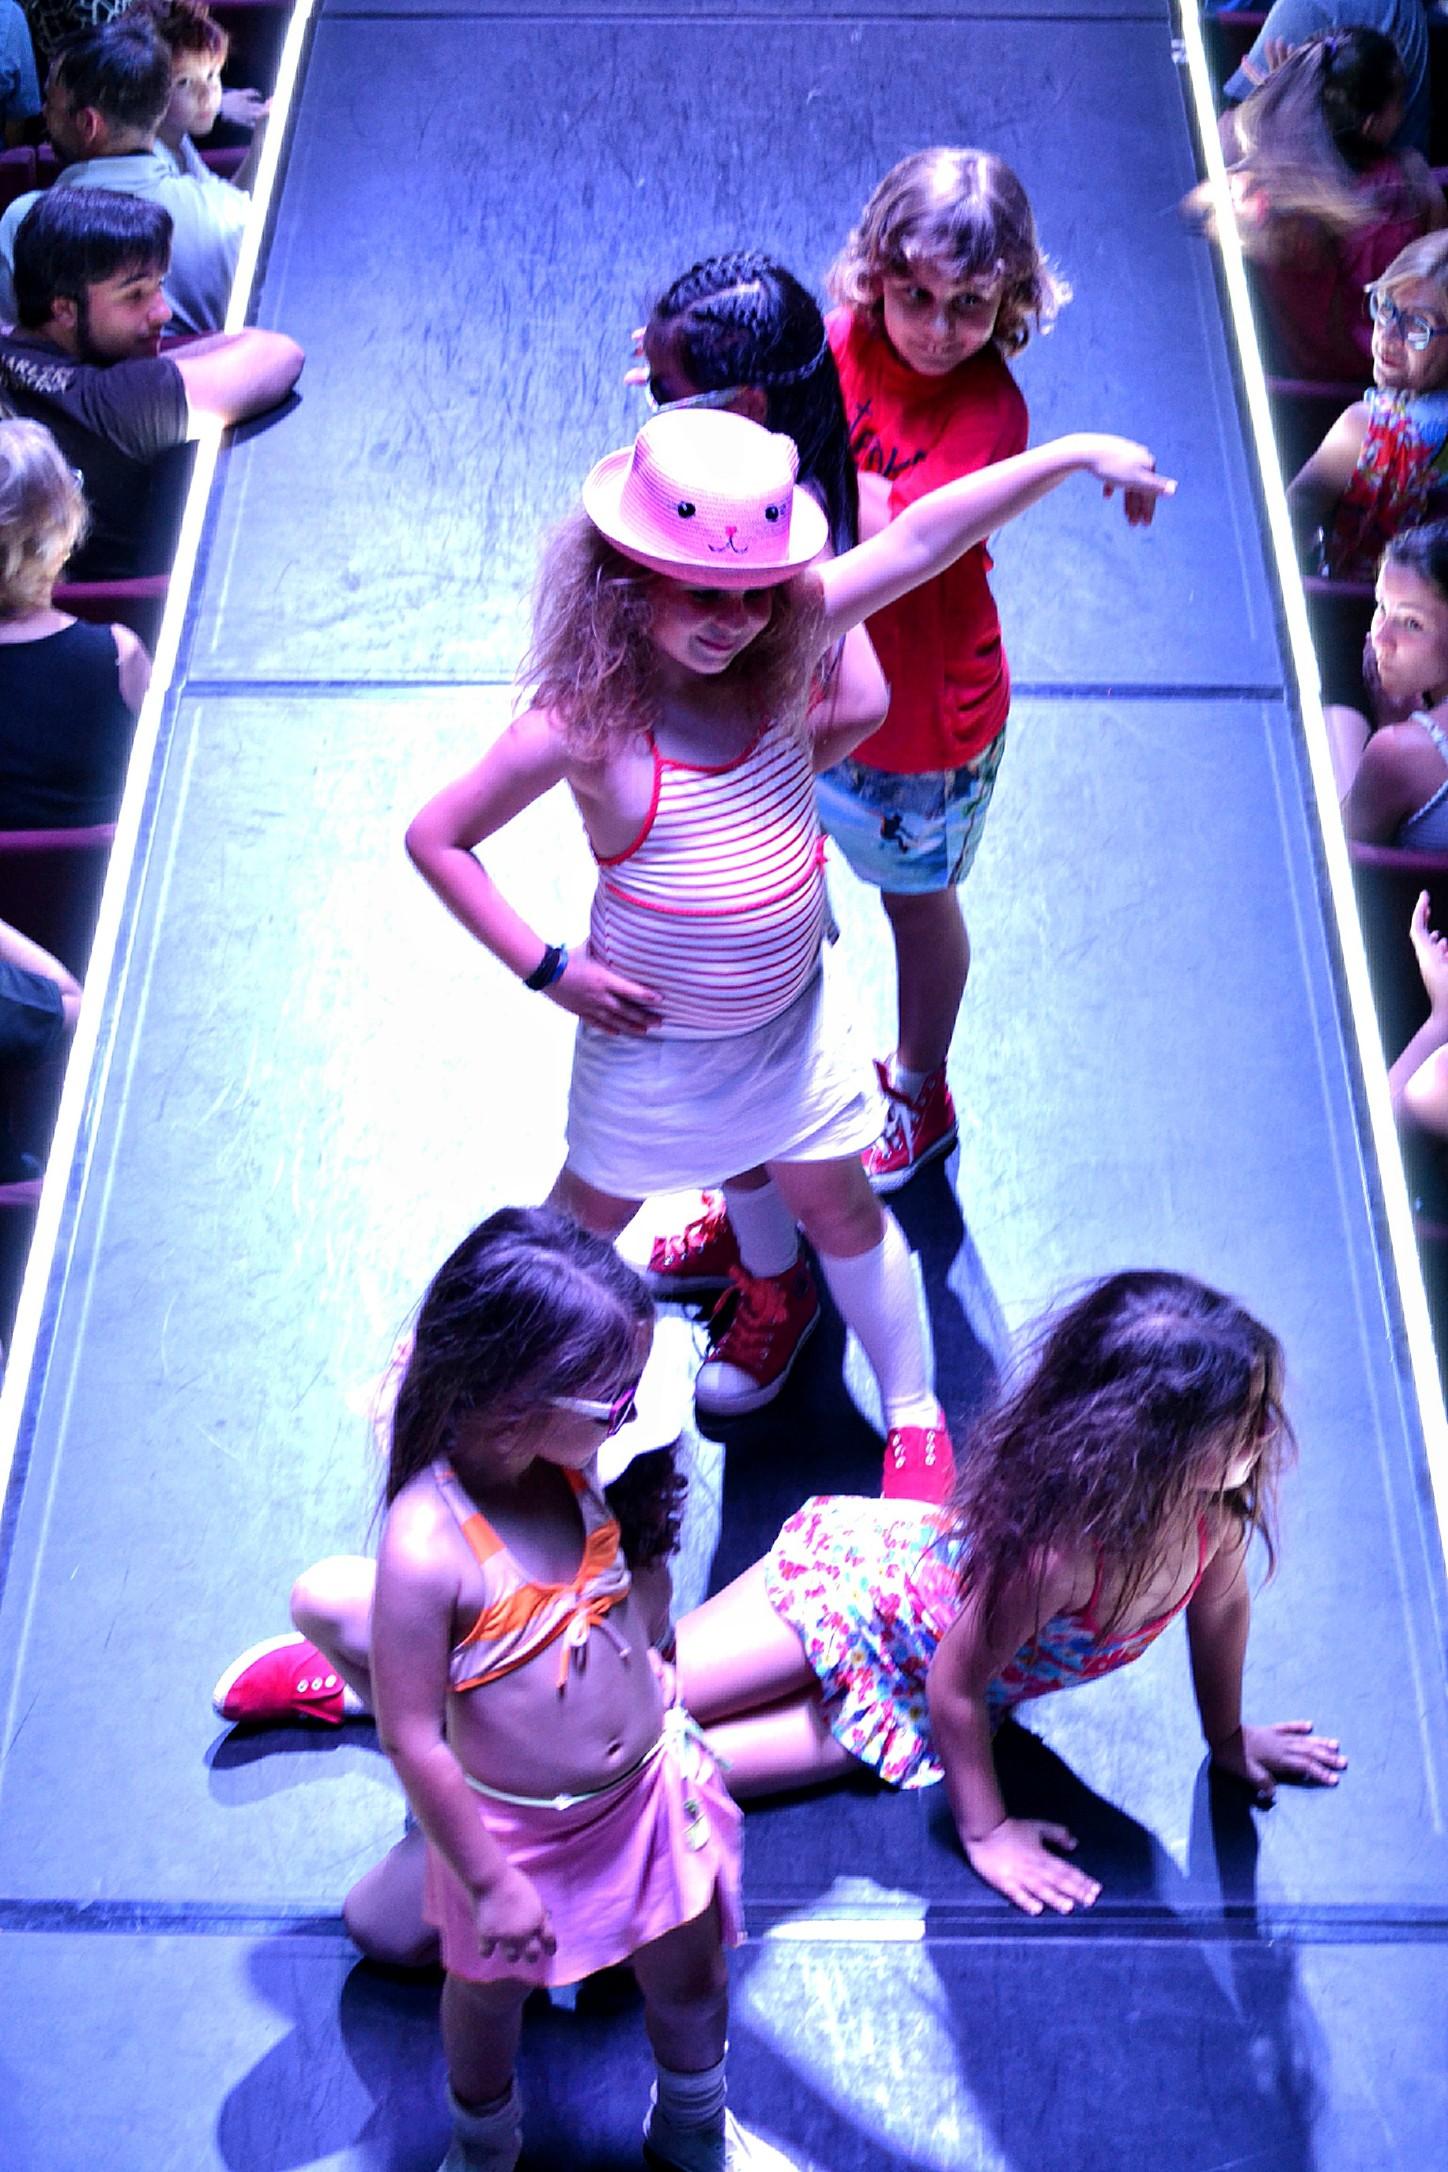 Linea-de-Baile-festival-verano-2015-clases-de-baile-valencia-41